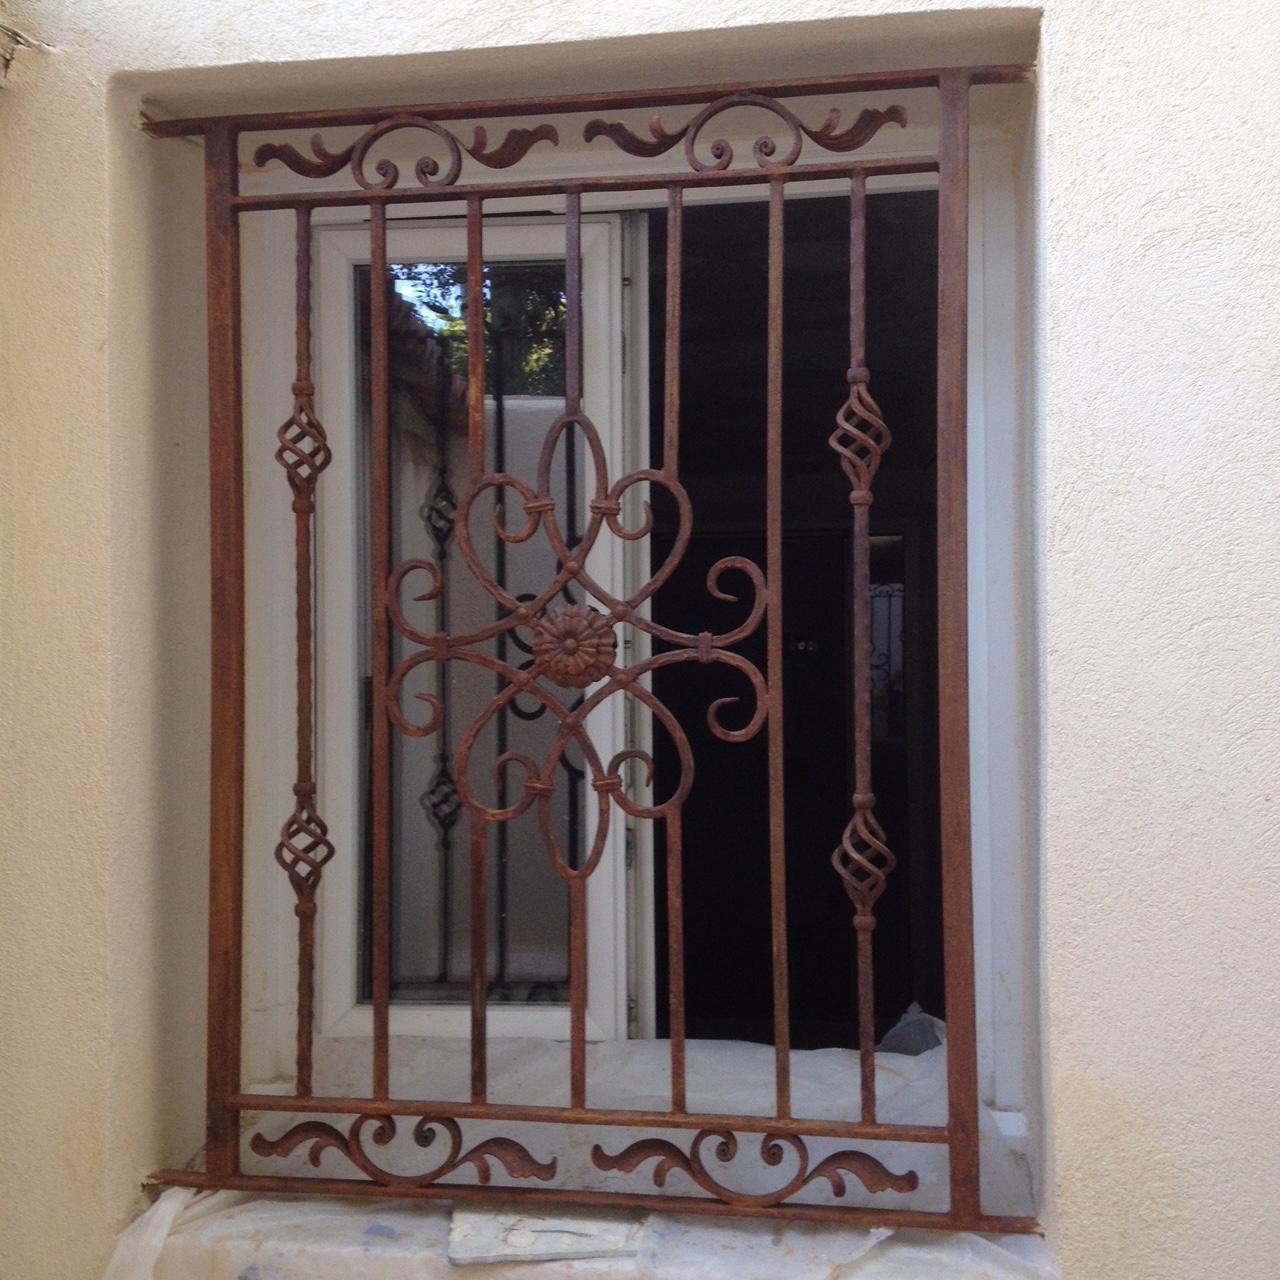 A la demande de notre client nous avons fabriqué sur mesure une grille de protection de fenètre avec effet rouillé vernis - réalisation à partir de notre gamme de pièces détachées . Localisation Provence